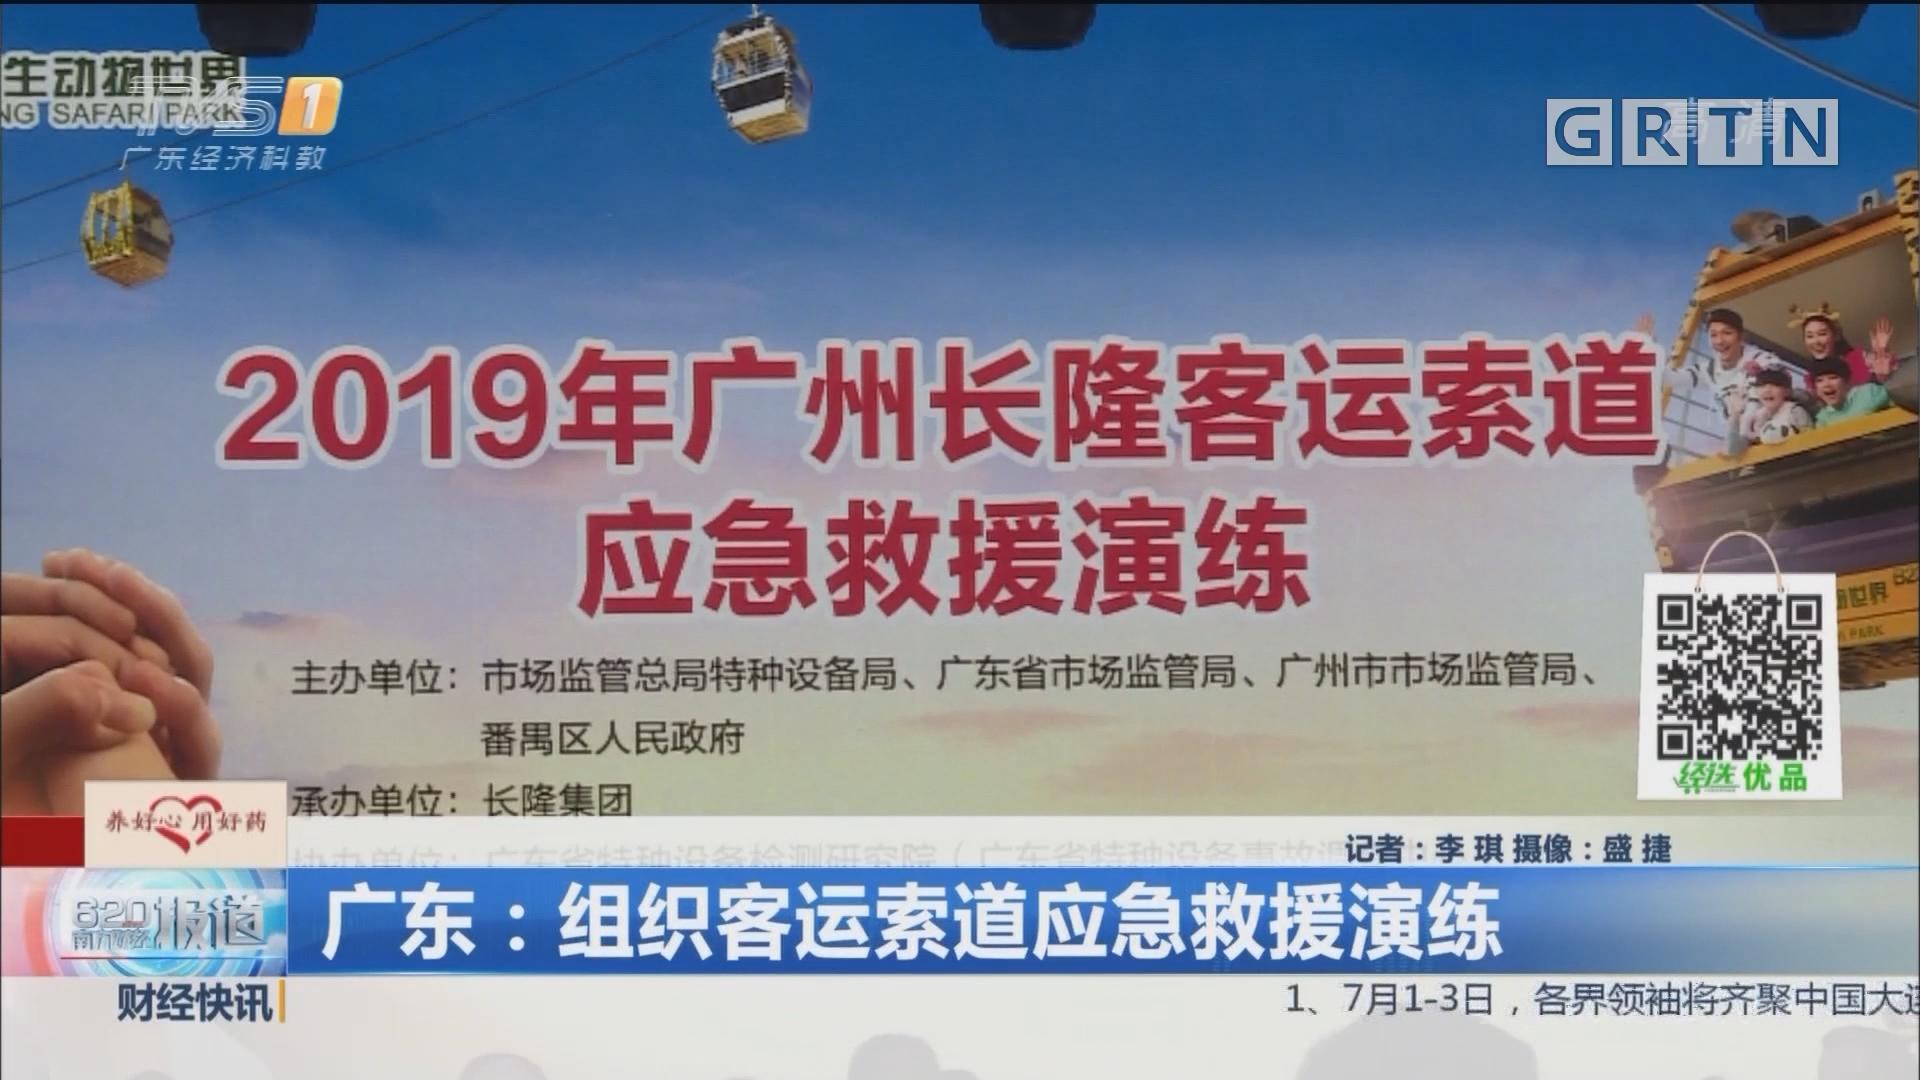 广东:组织客运索道应急救援演练